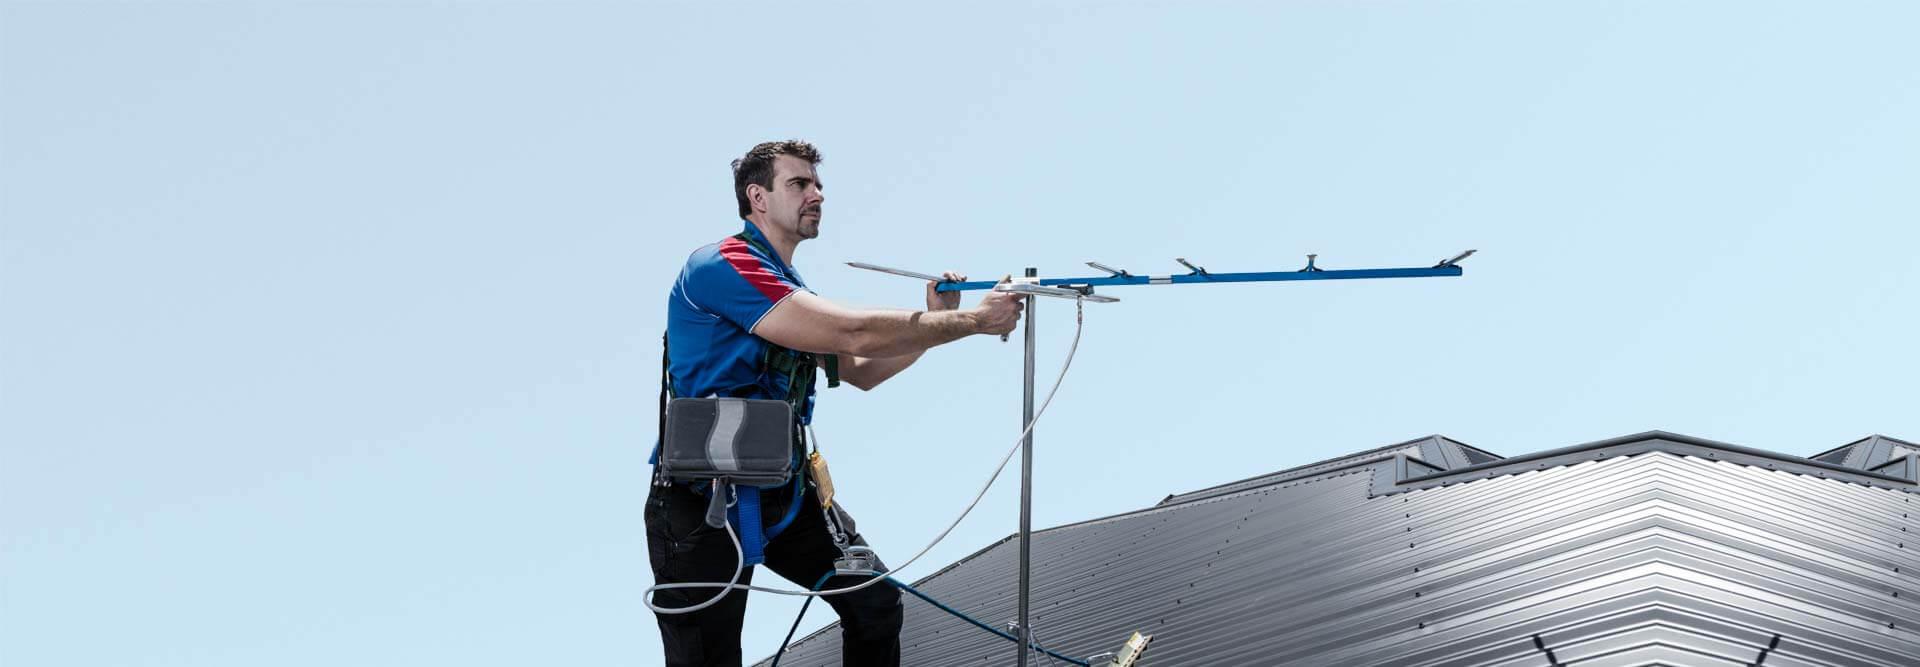 https://localbusinessau.org/wp-content/uploads/2019/04/Antenna-Installation-MrAntenna.jpg